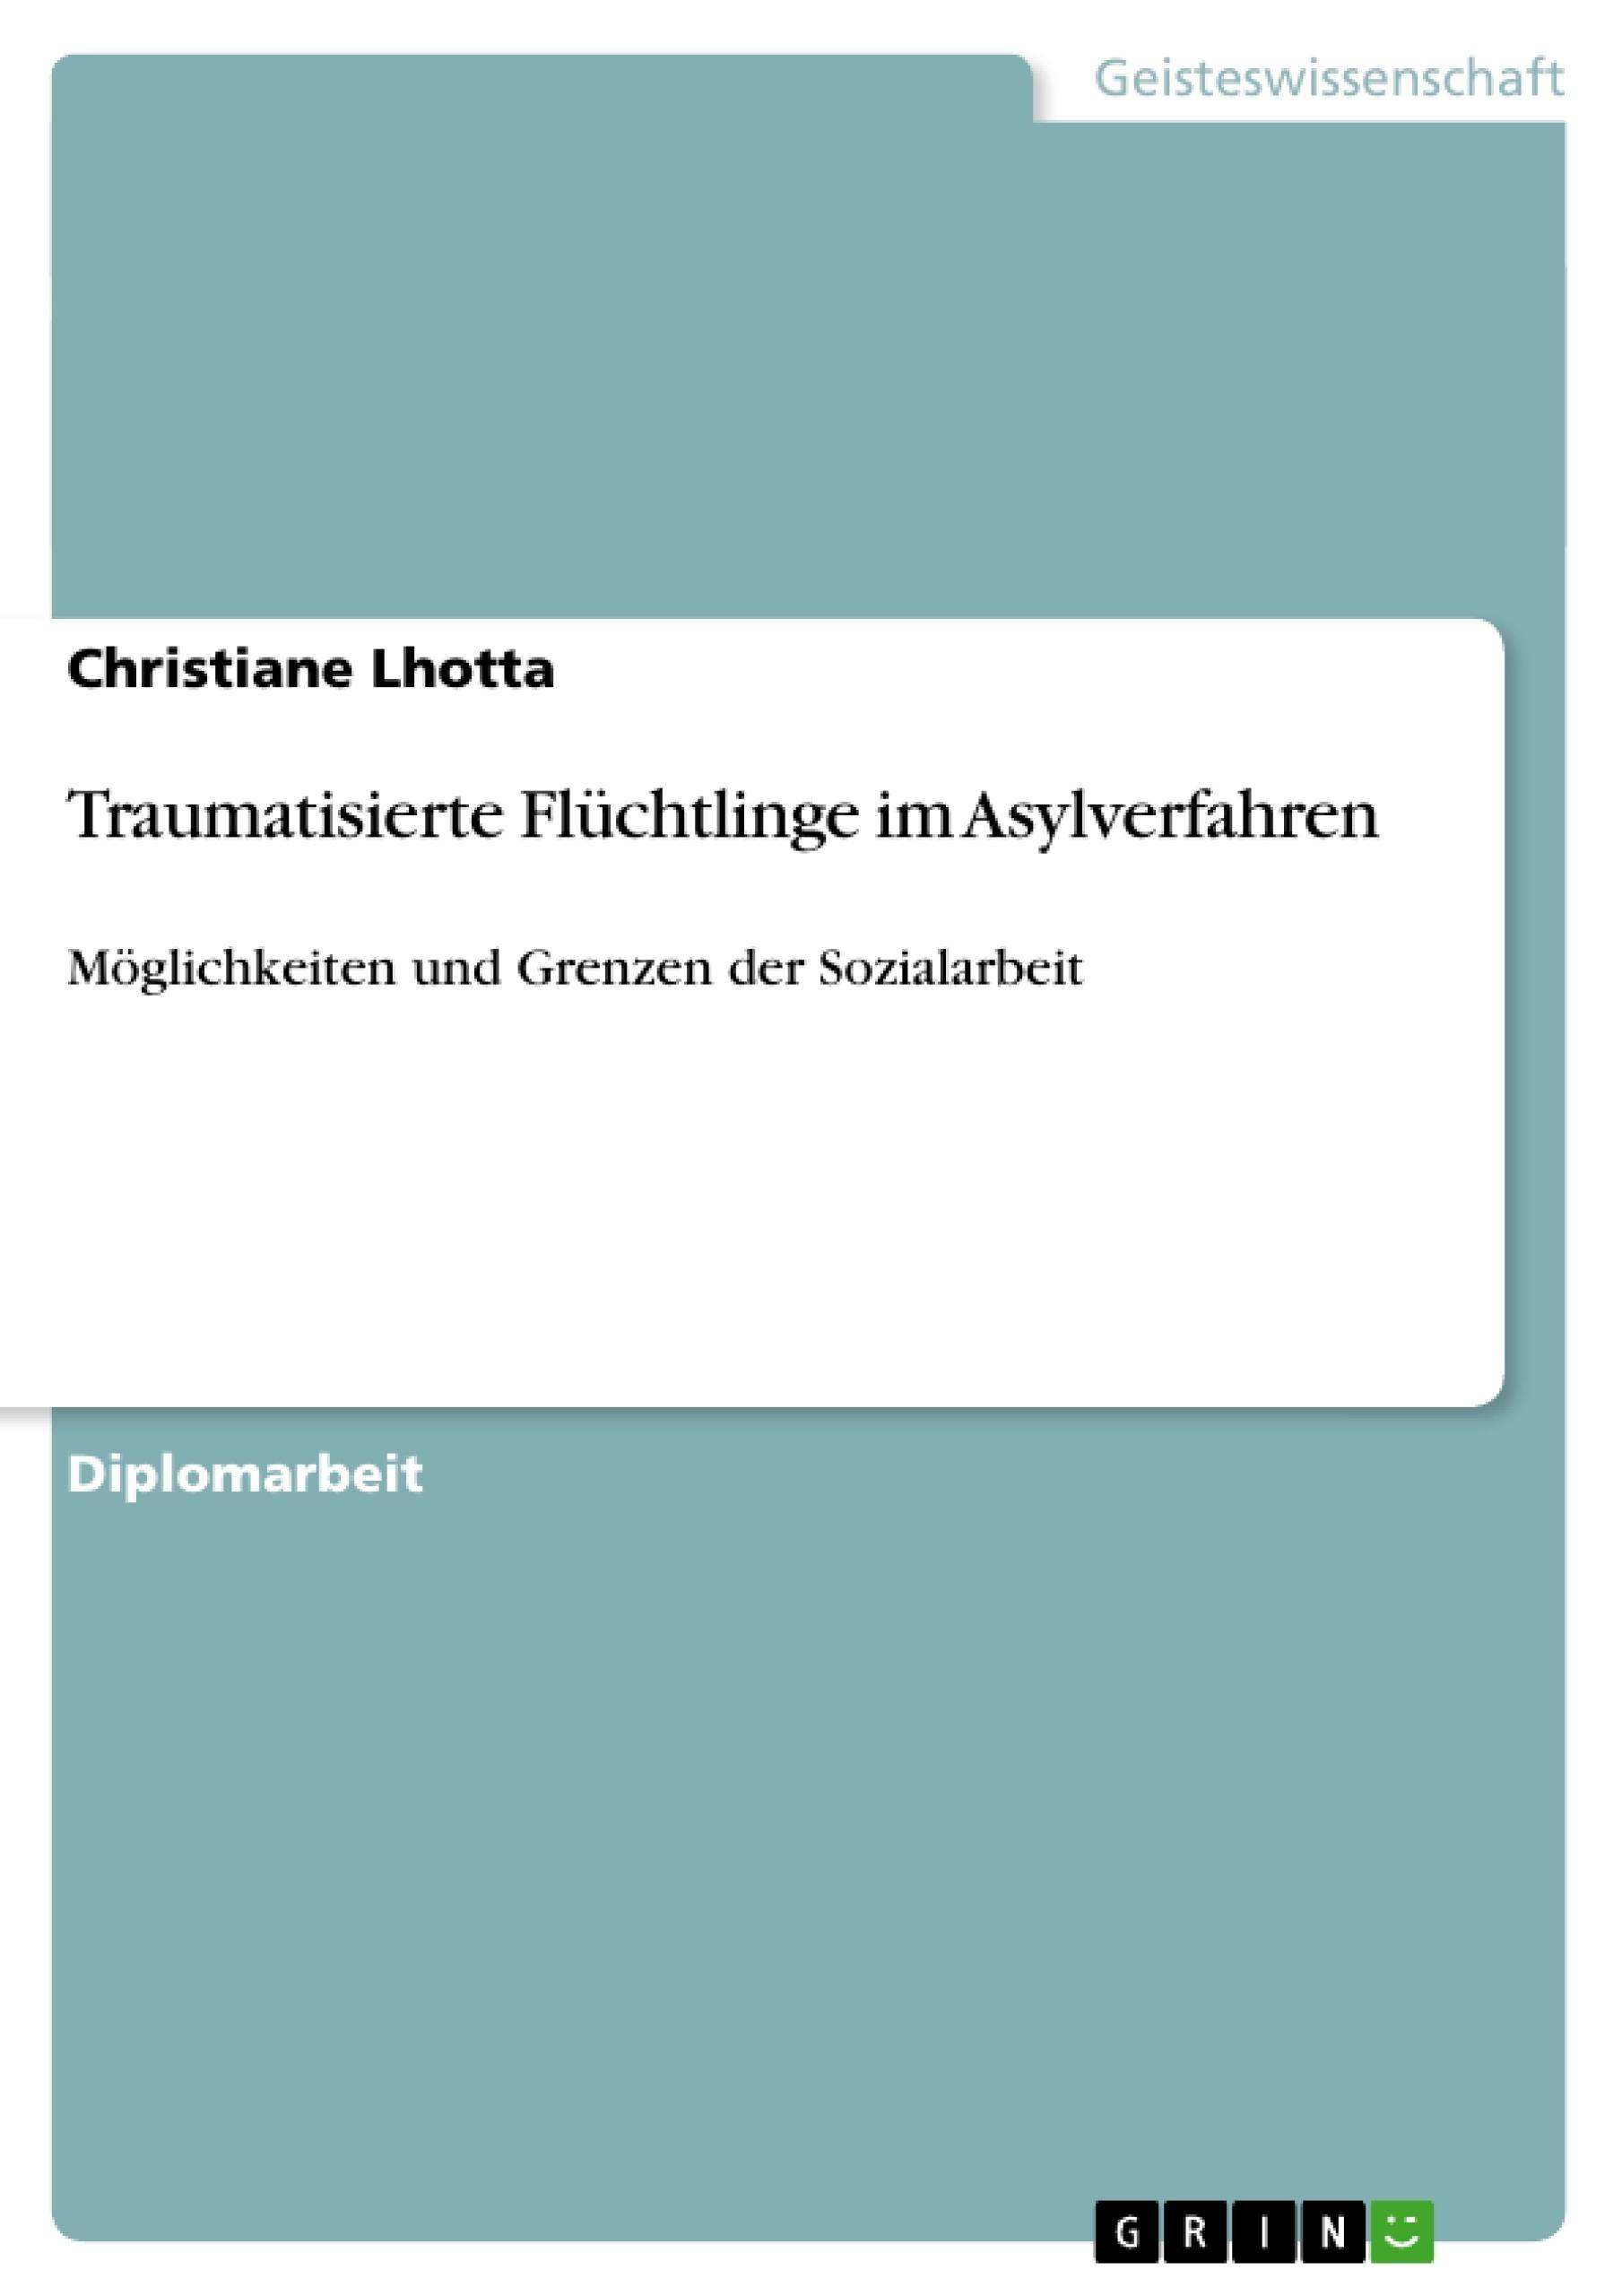 Titel: Traumatisierte Flüchtlinge im Asylverfahren